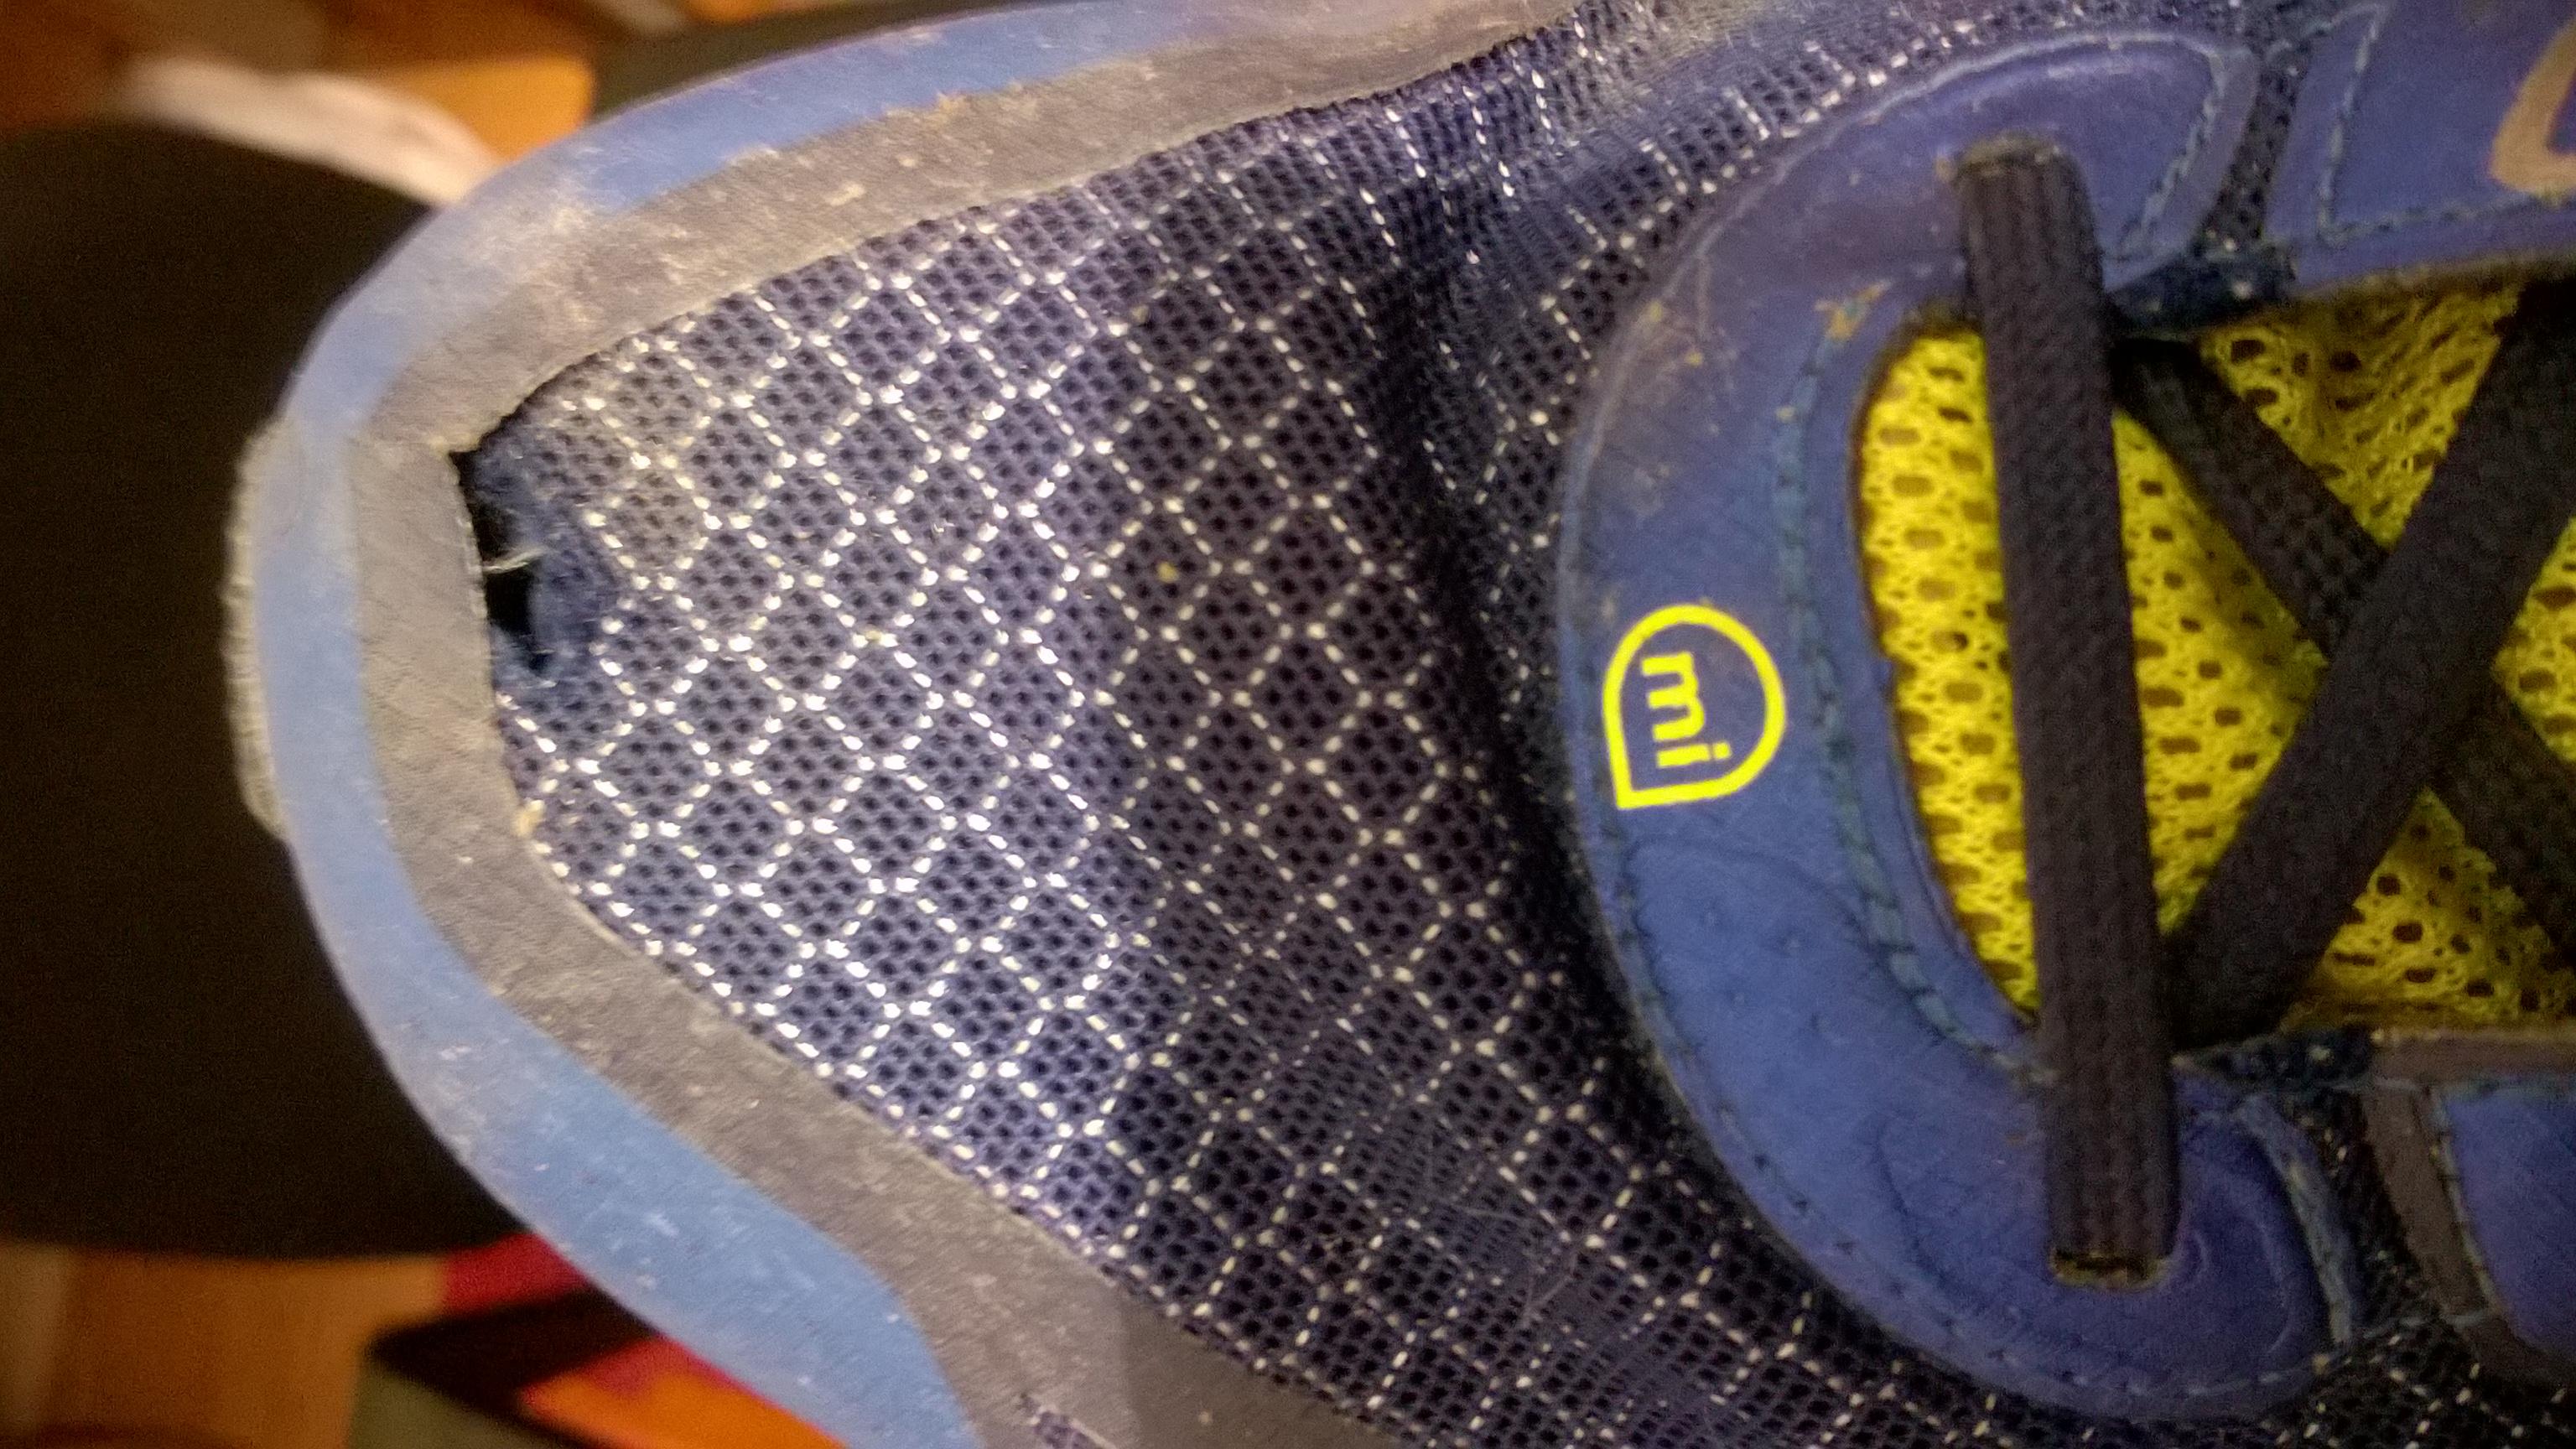 Loch im Schuh reparieren ? (Schuhe, adidas, Sportschuhe)